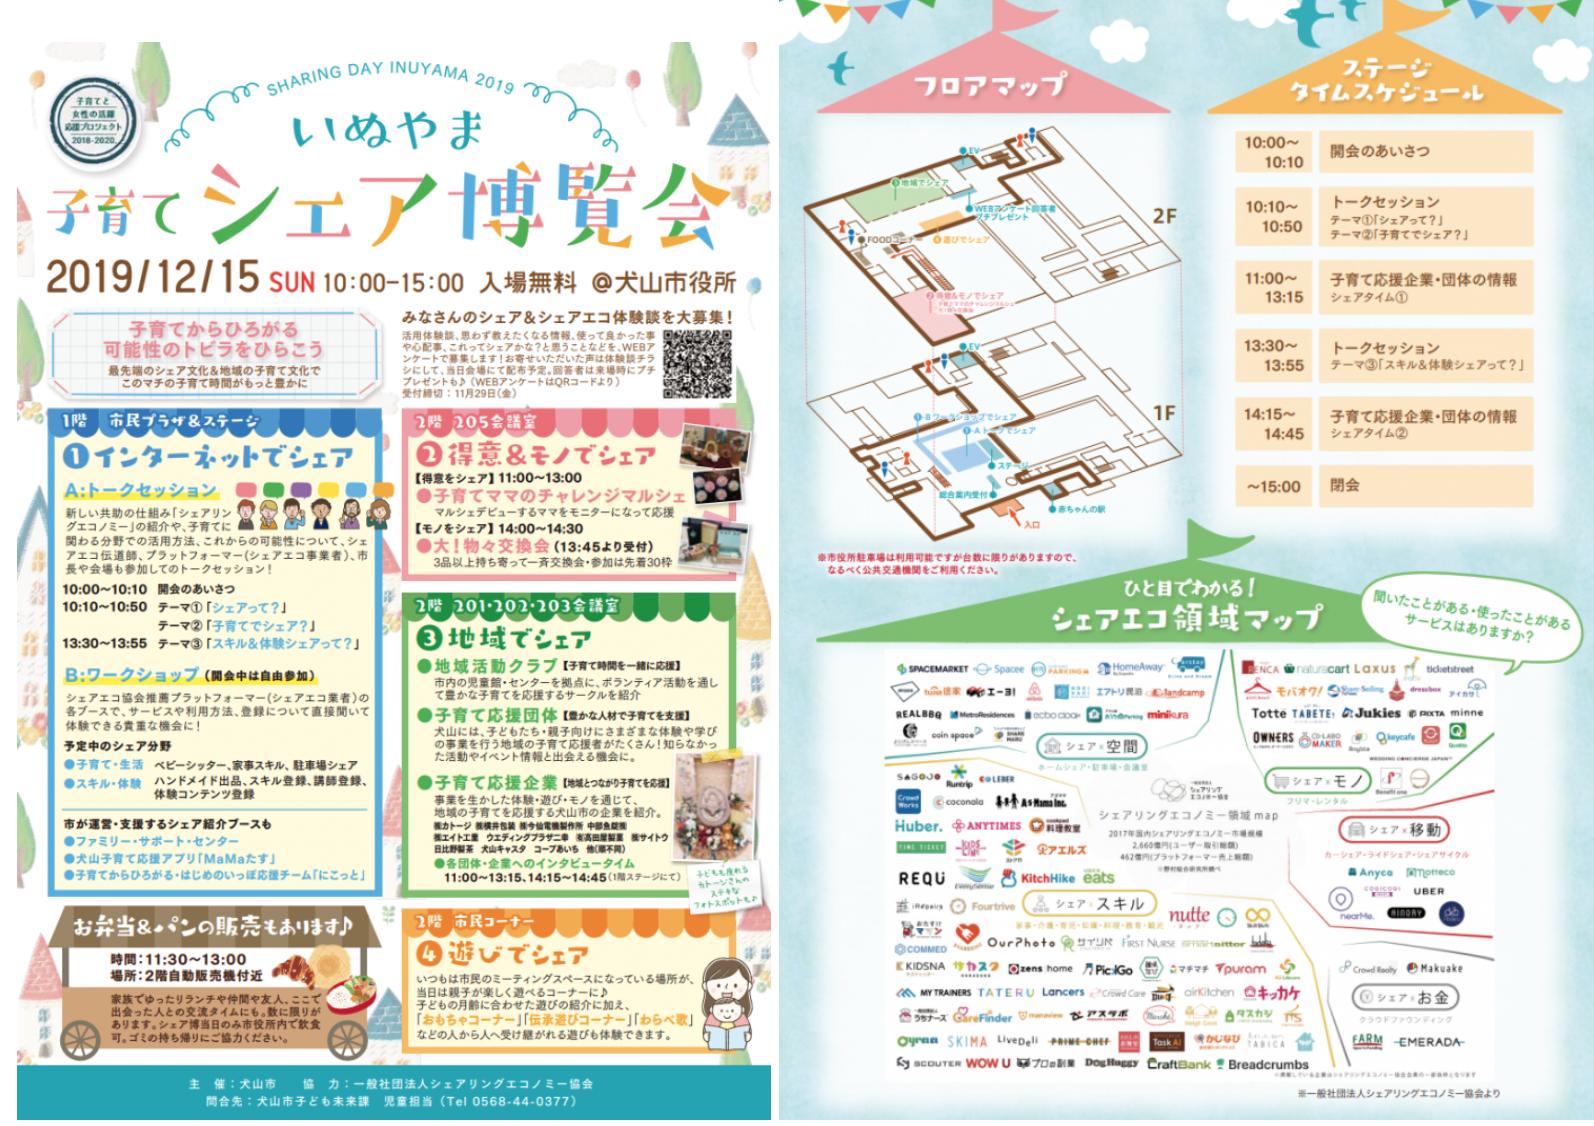 (愛知県犬山市主催)いぬやま子育てシェア博覧会のお知らせ